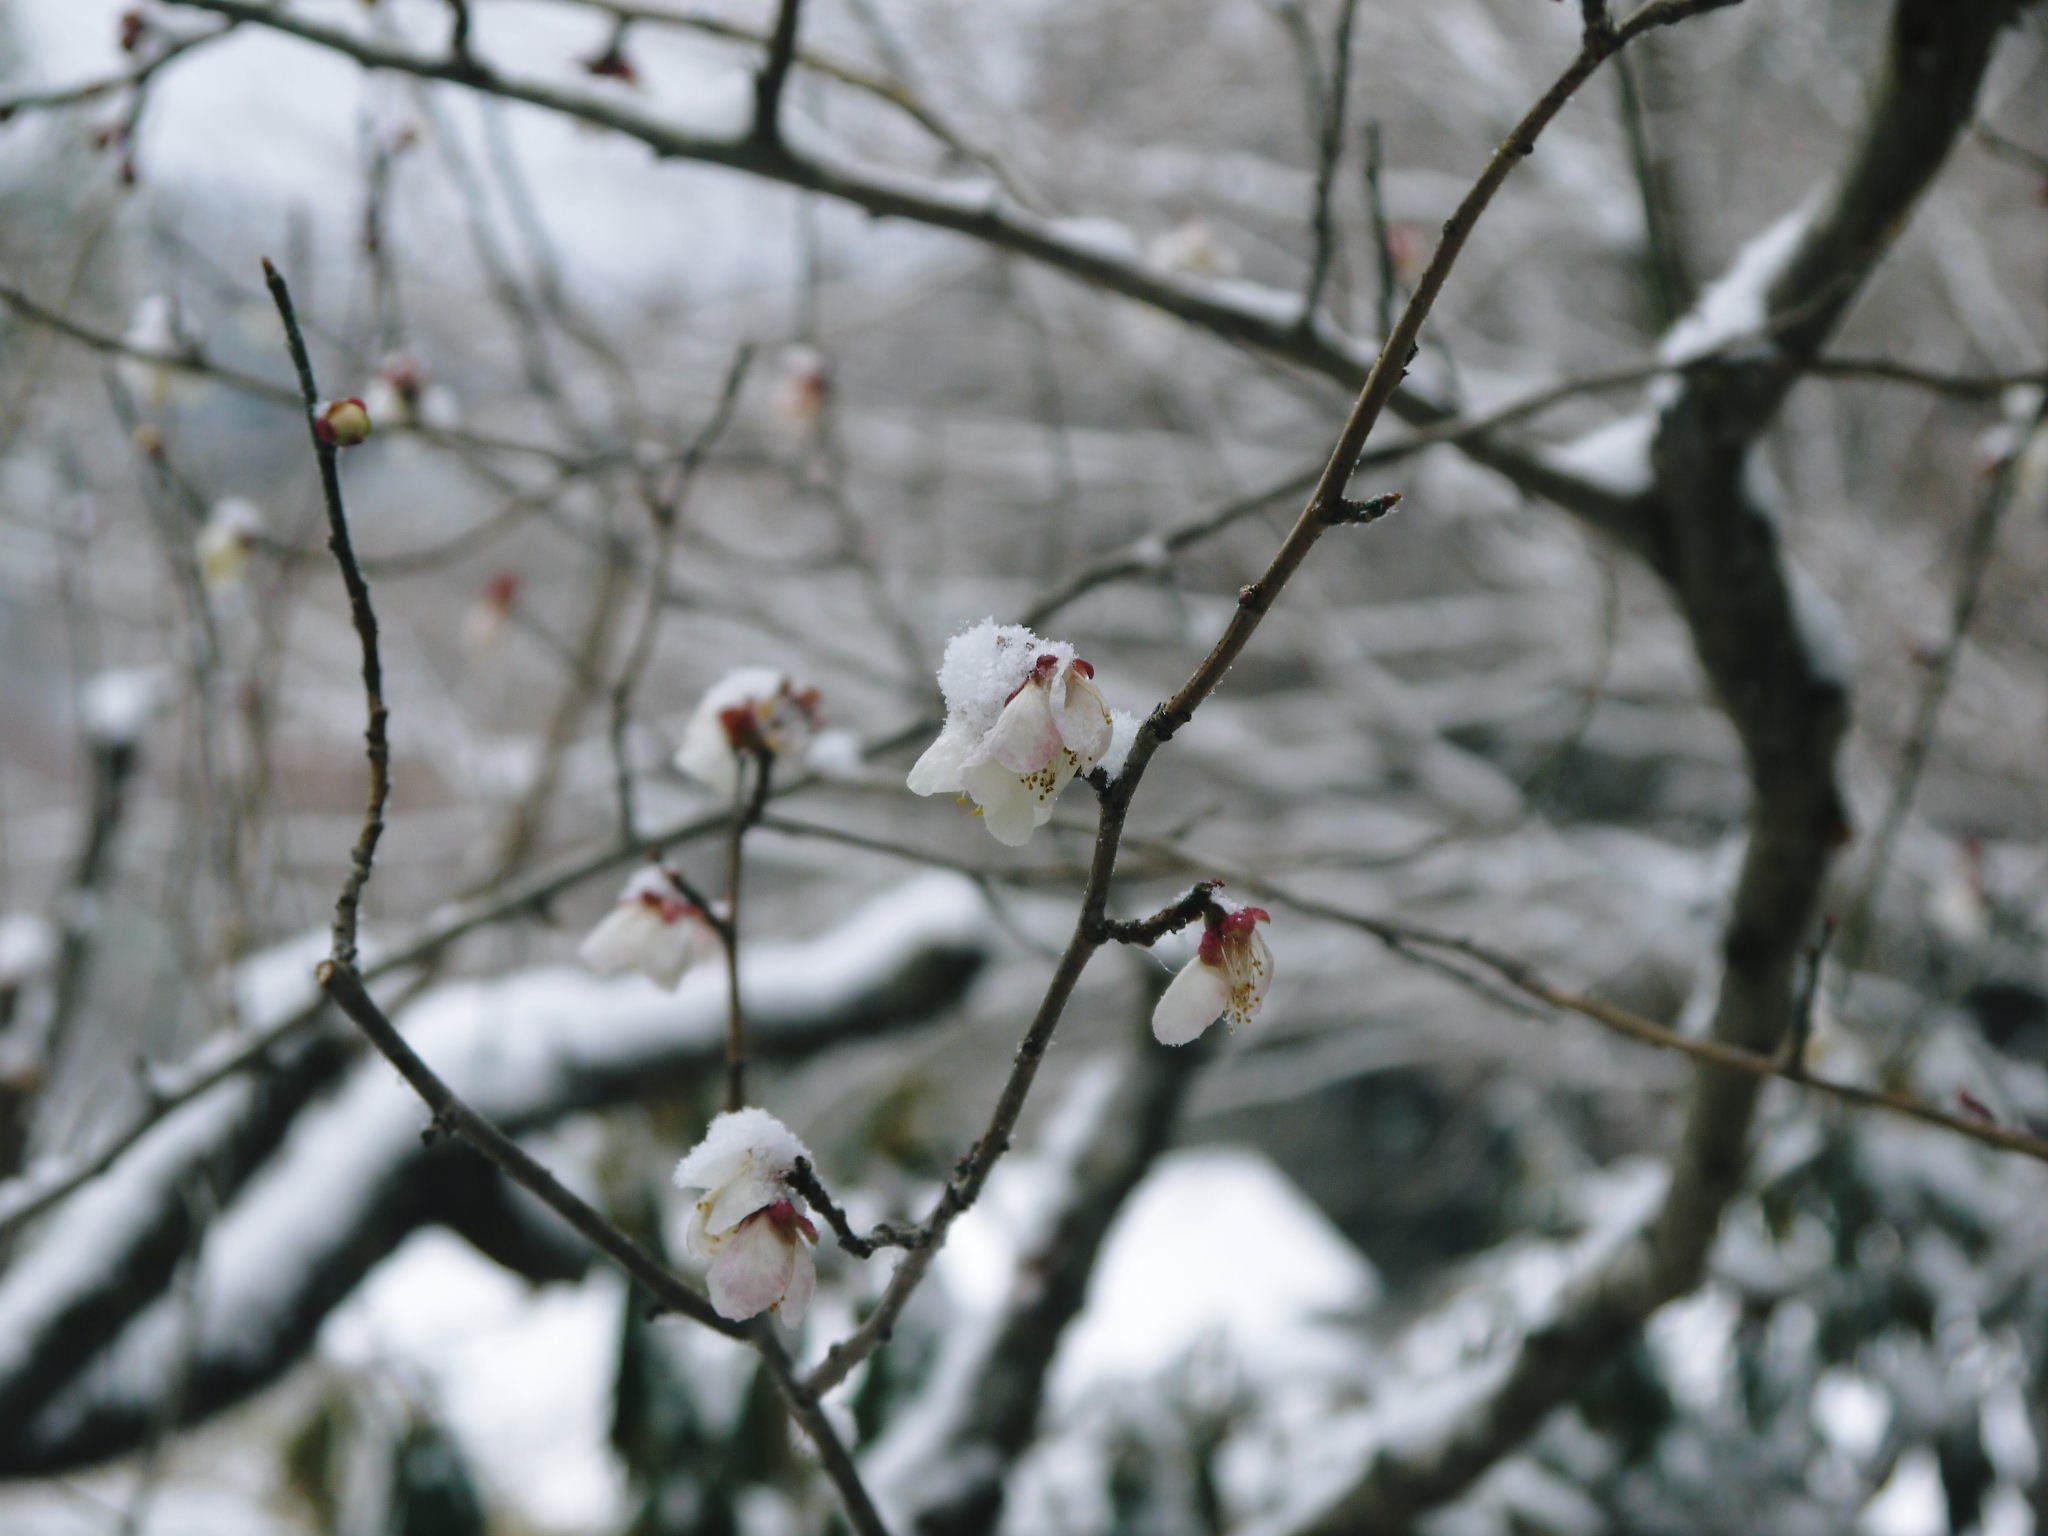 株式会社旬援隊の冬の様子2021 春と思い咲き始めた花々に雪が積もっています!_a0254656_14362623.jpg